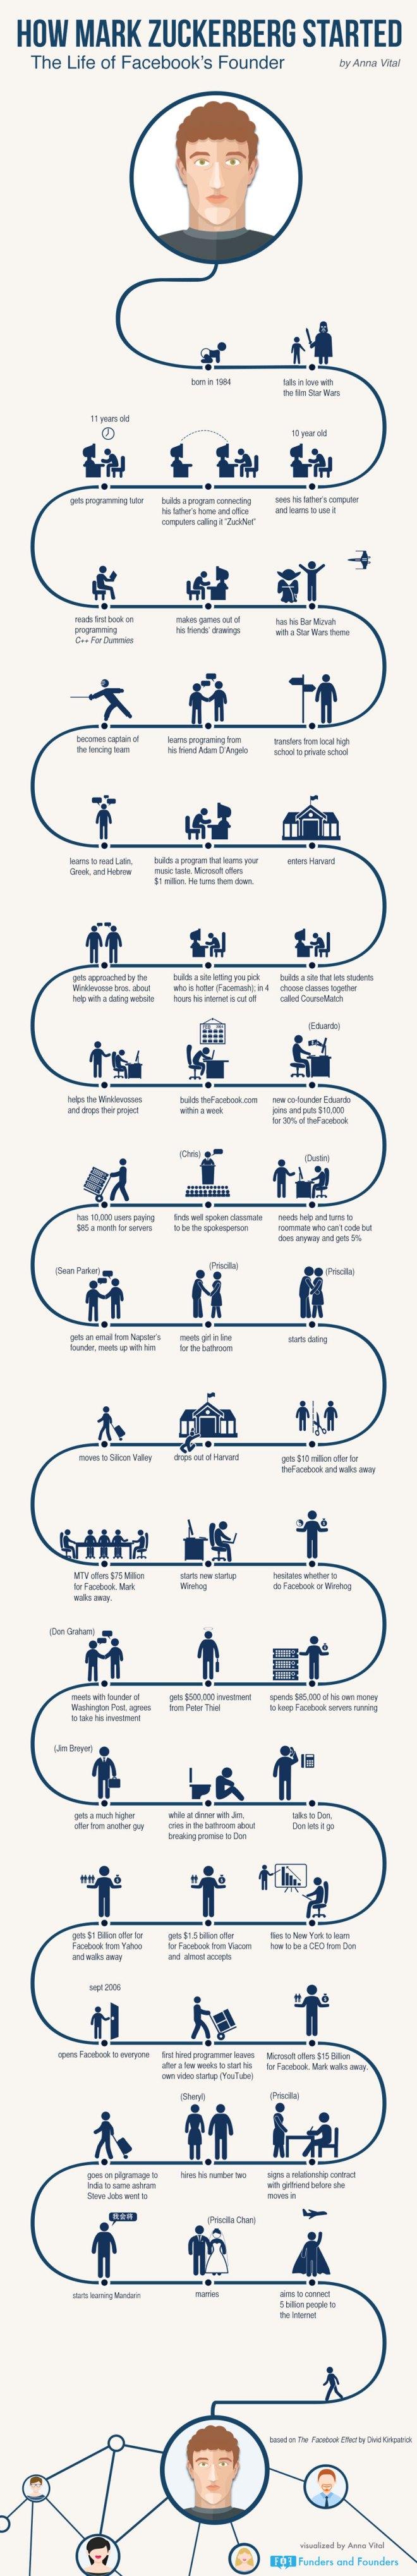 infographie-mark-zuckerberg Infographie : la vie de Mark Zuckerberg